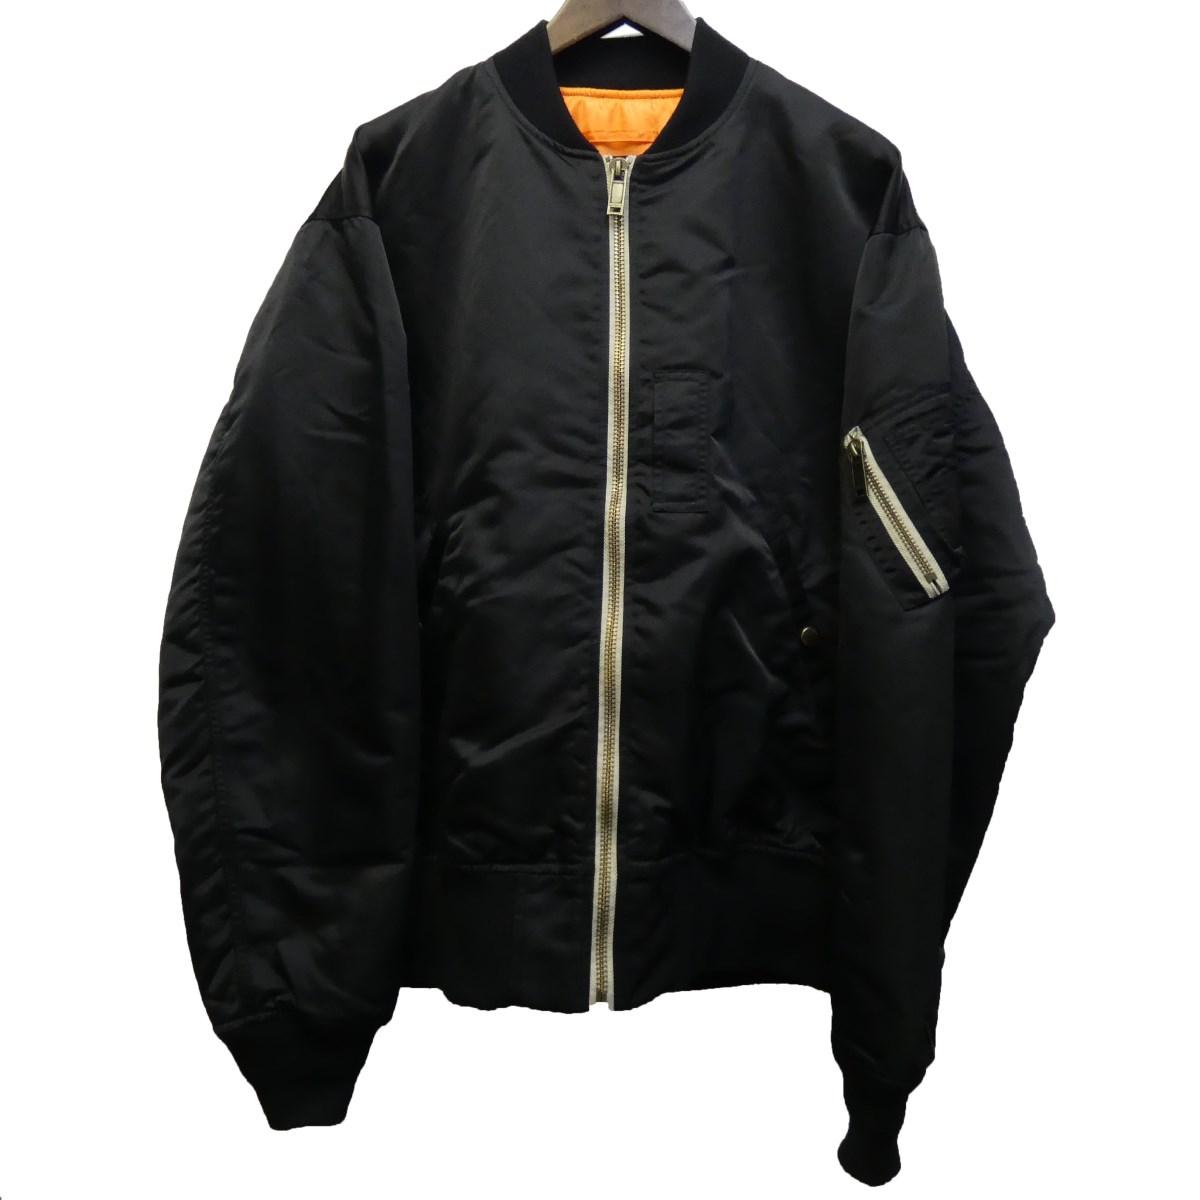 【中古】CHRISTIAN DADA 19AW バックロゴプリントMA-1ジャケット ブラック サイズ:50 【220320】(クリスチャンダダ)